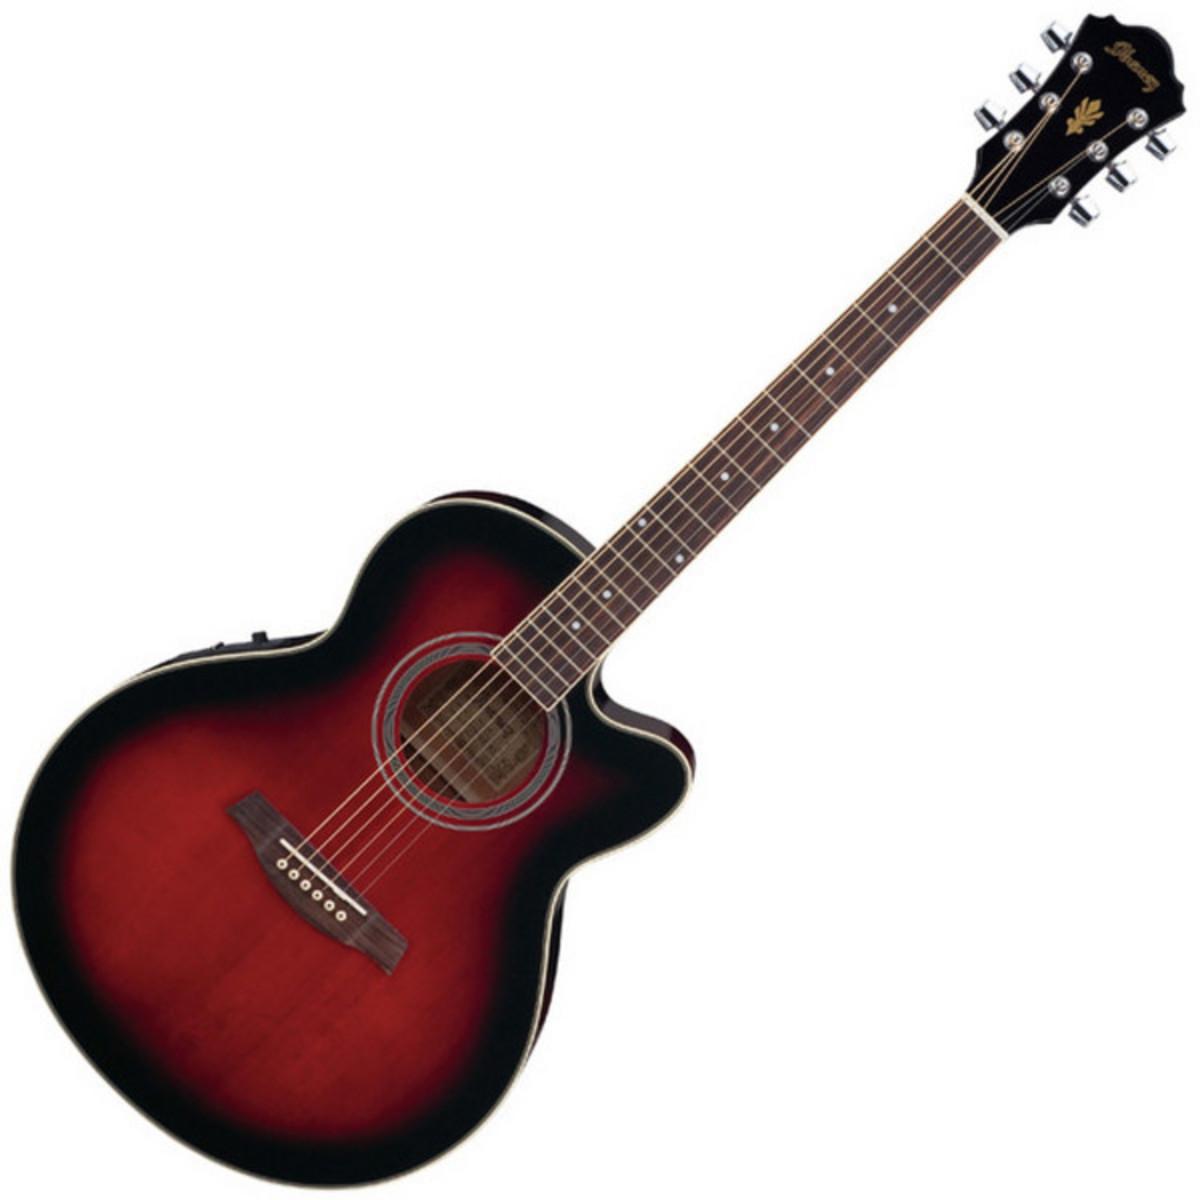 guitare electro acoustique de disque ibanez ael8e trs. Black Bedroom Furniture Sets. Home Design Ideas